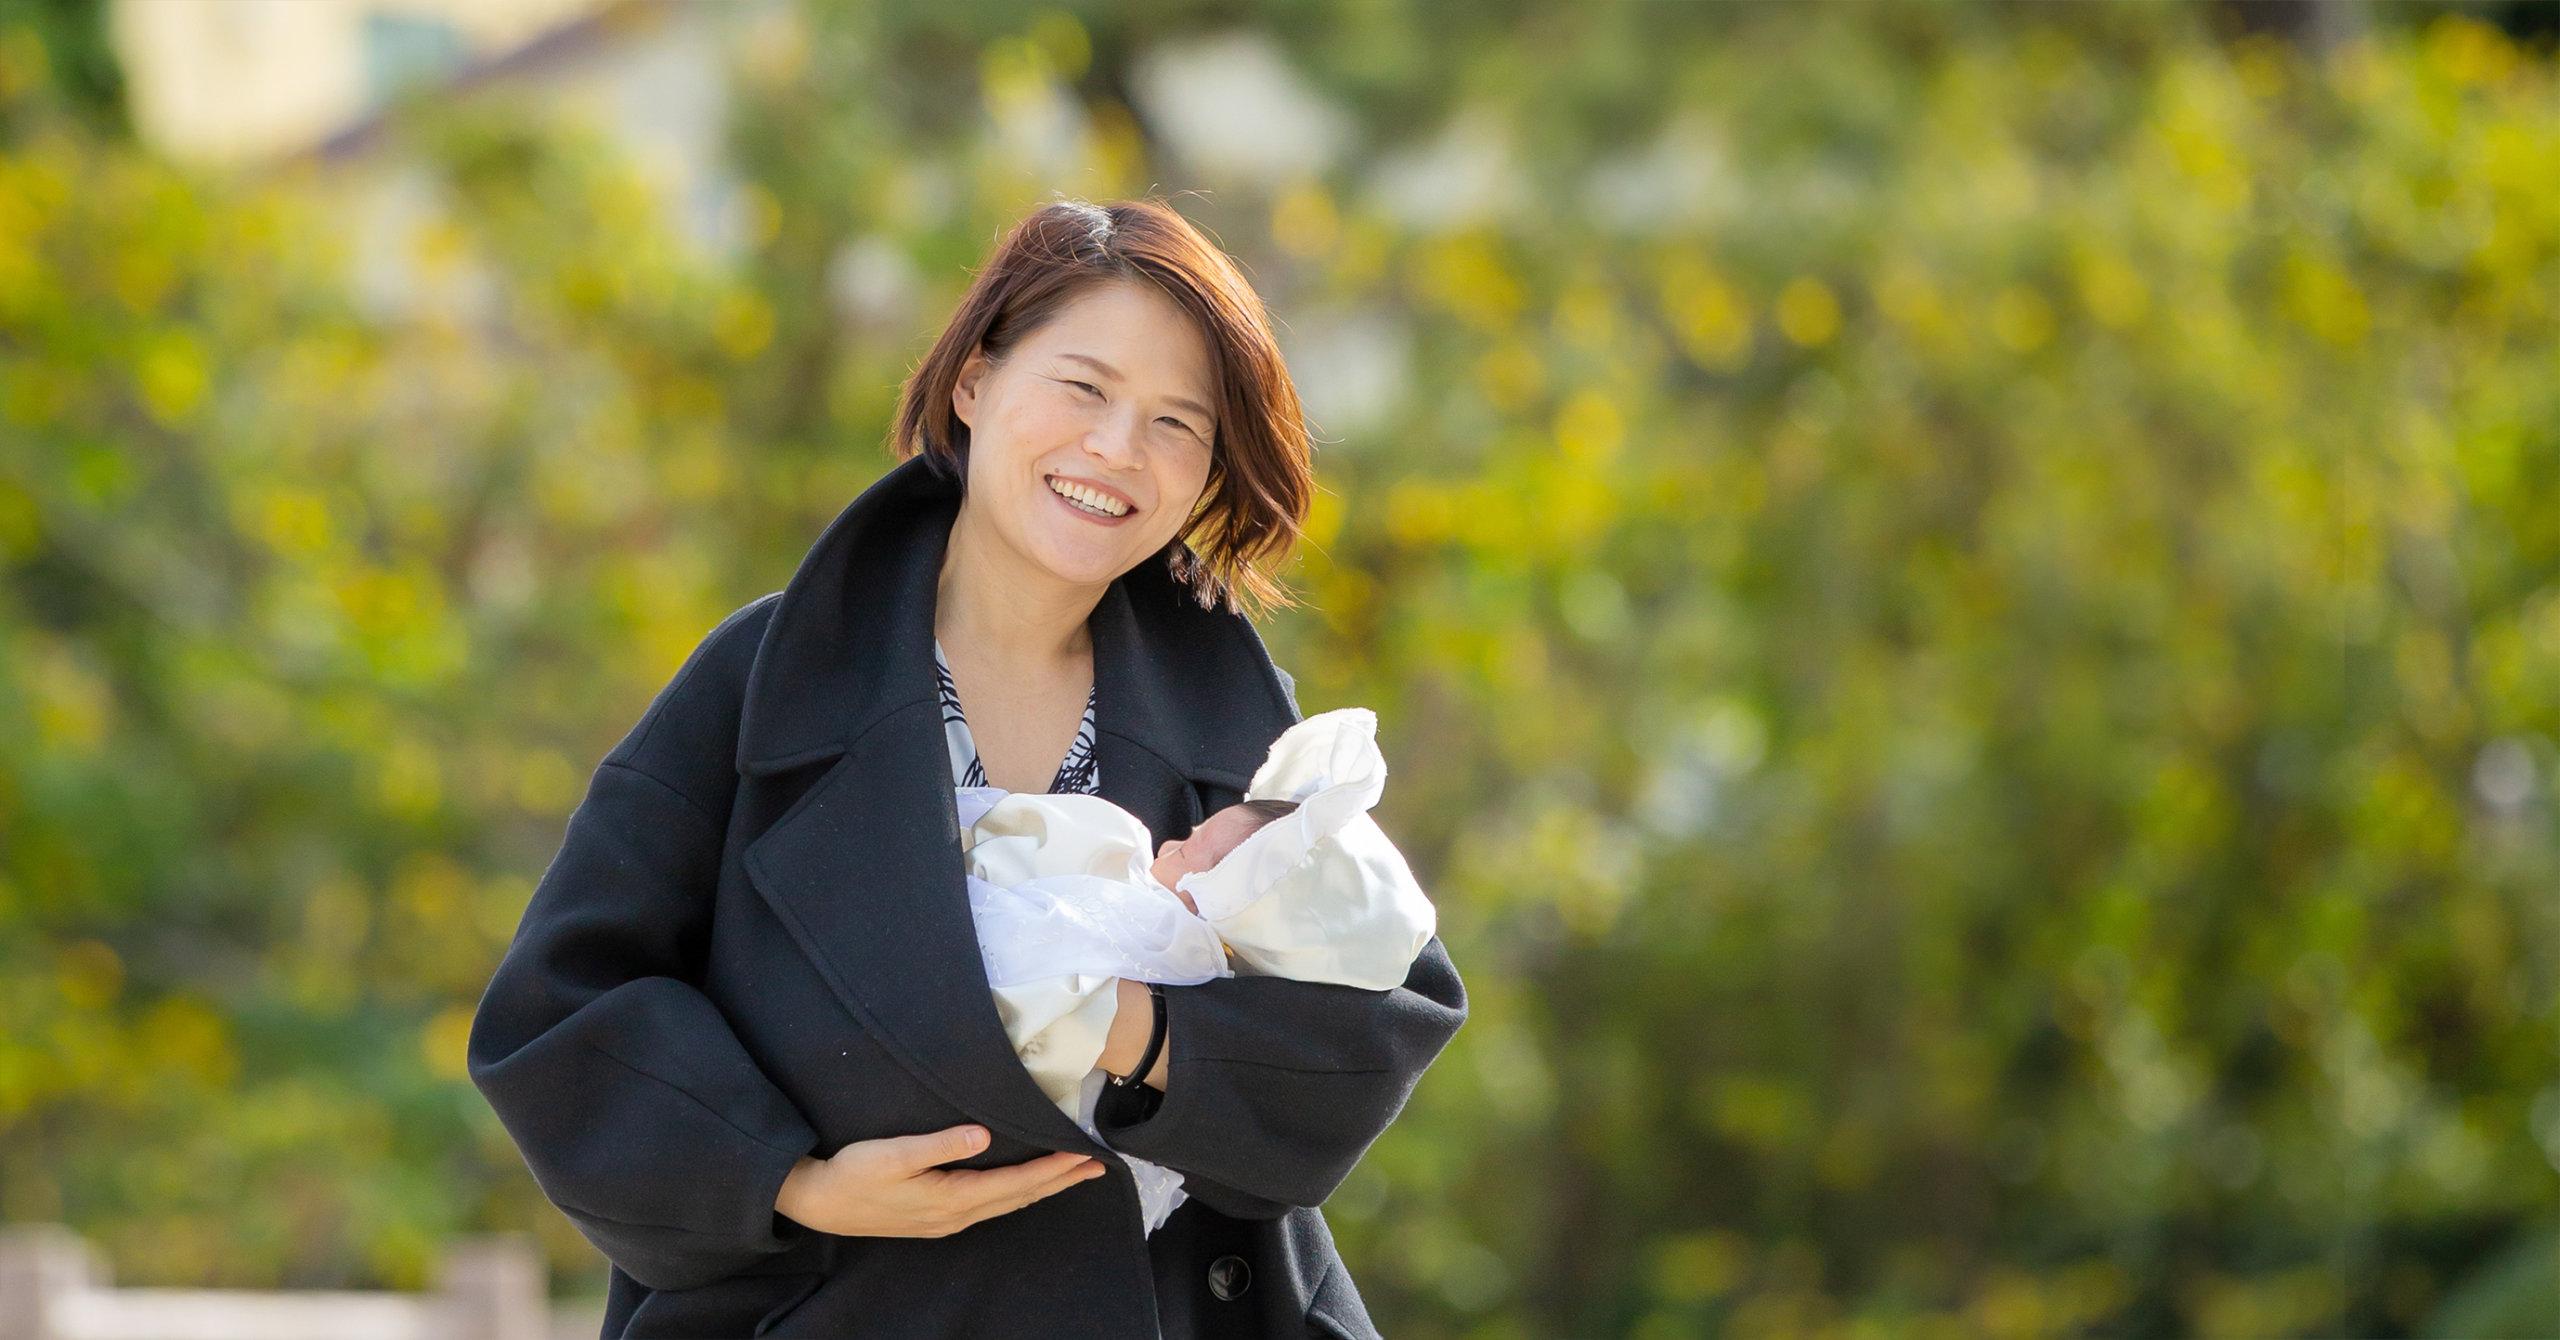 【コドモンのインターン Vol.4】育休中に即戦力!3児の母が挑むオンラインセールス